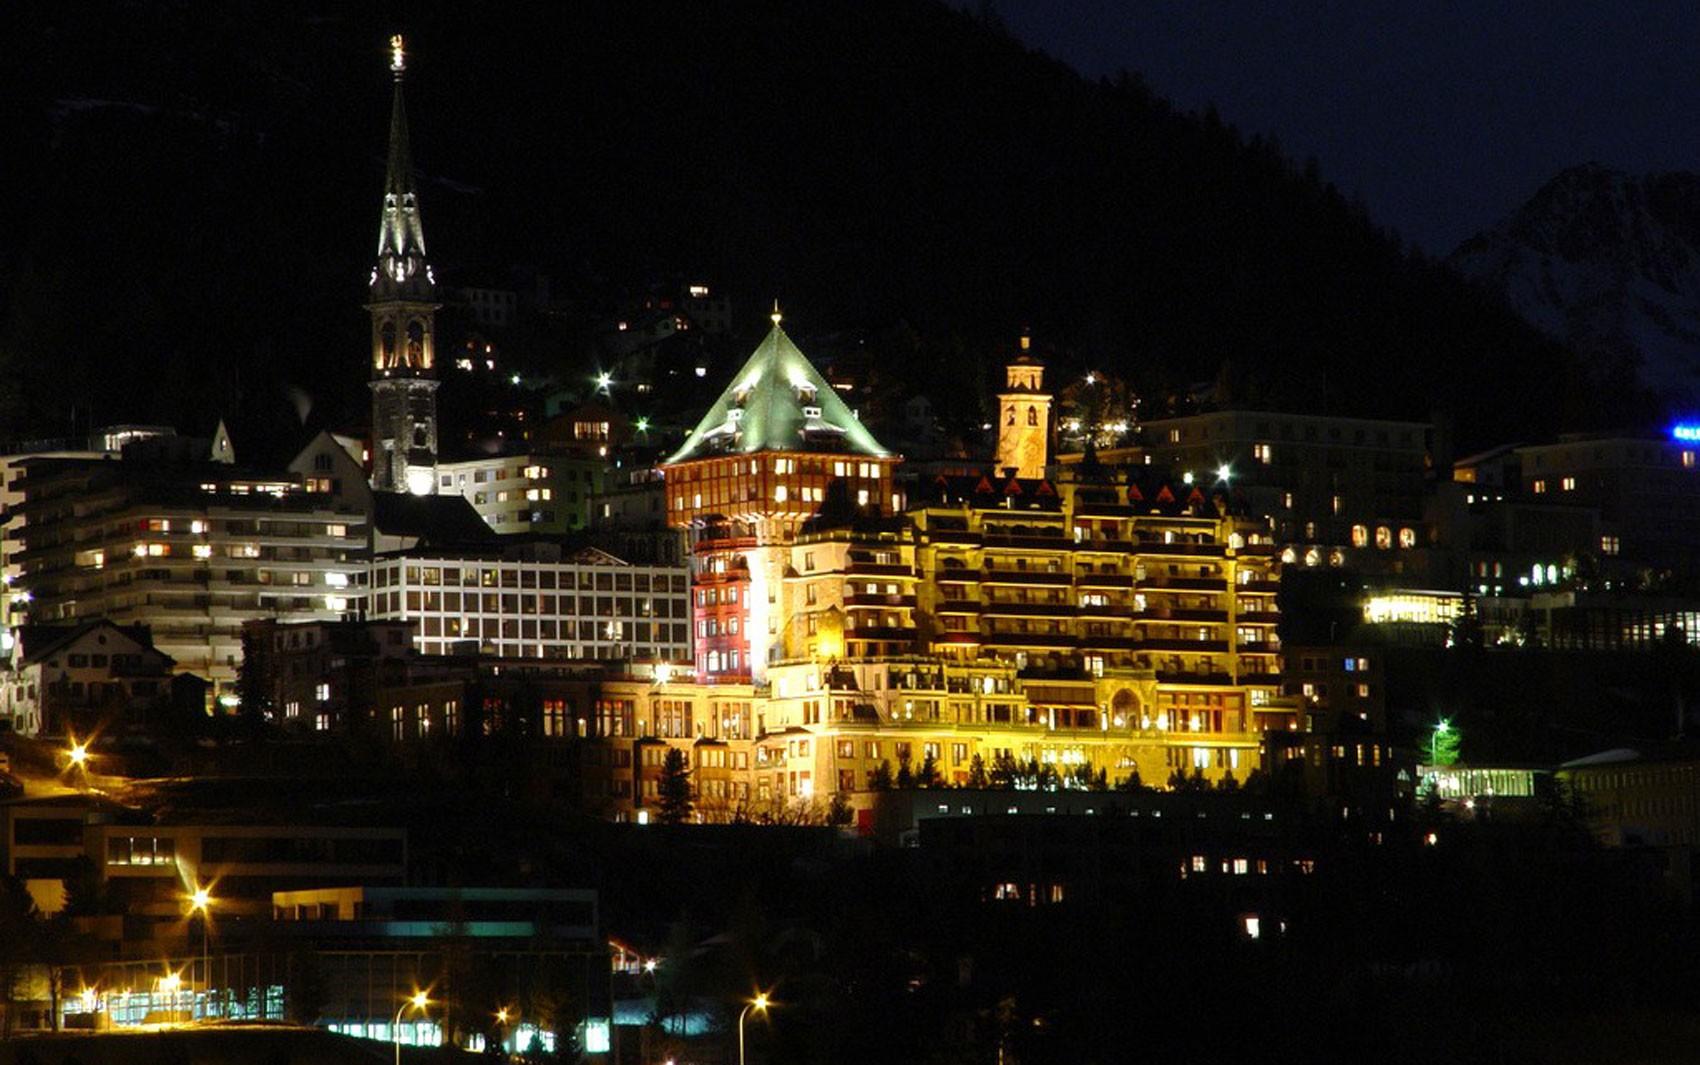 Como uma aposta fez dos Alpes Suíços um destino atraente para milhares de turistas no inverno